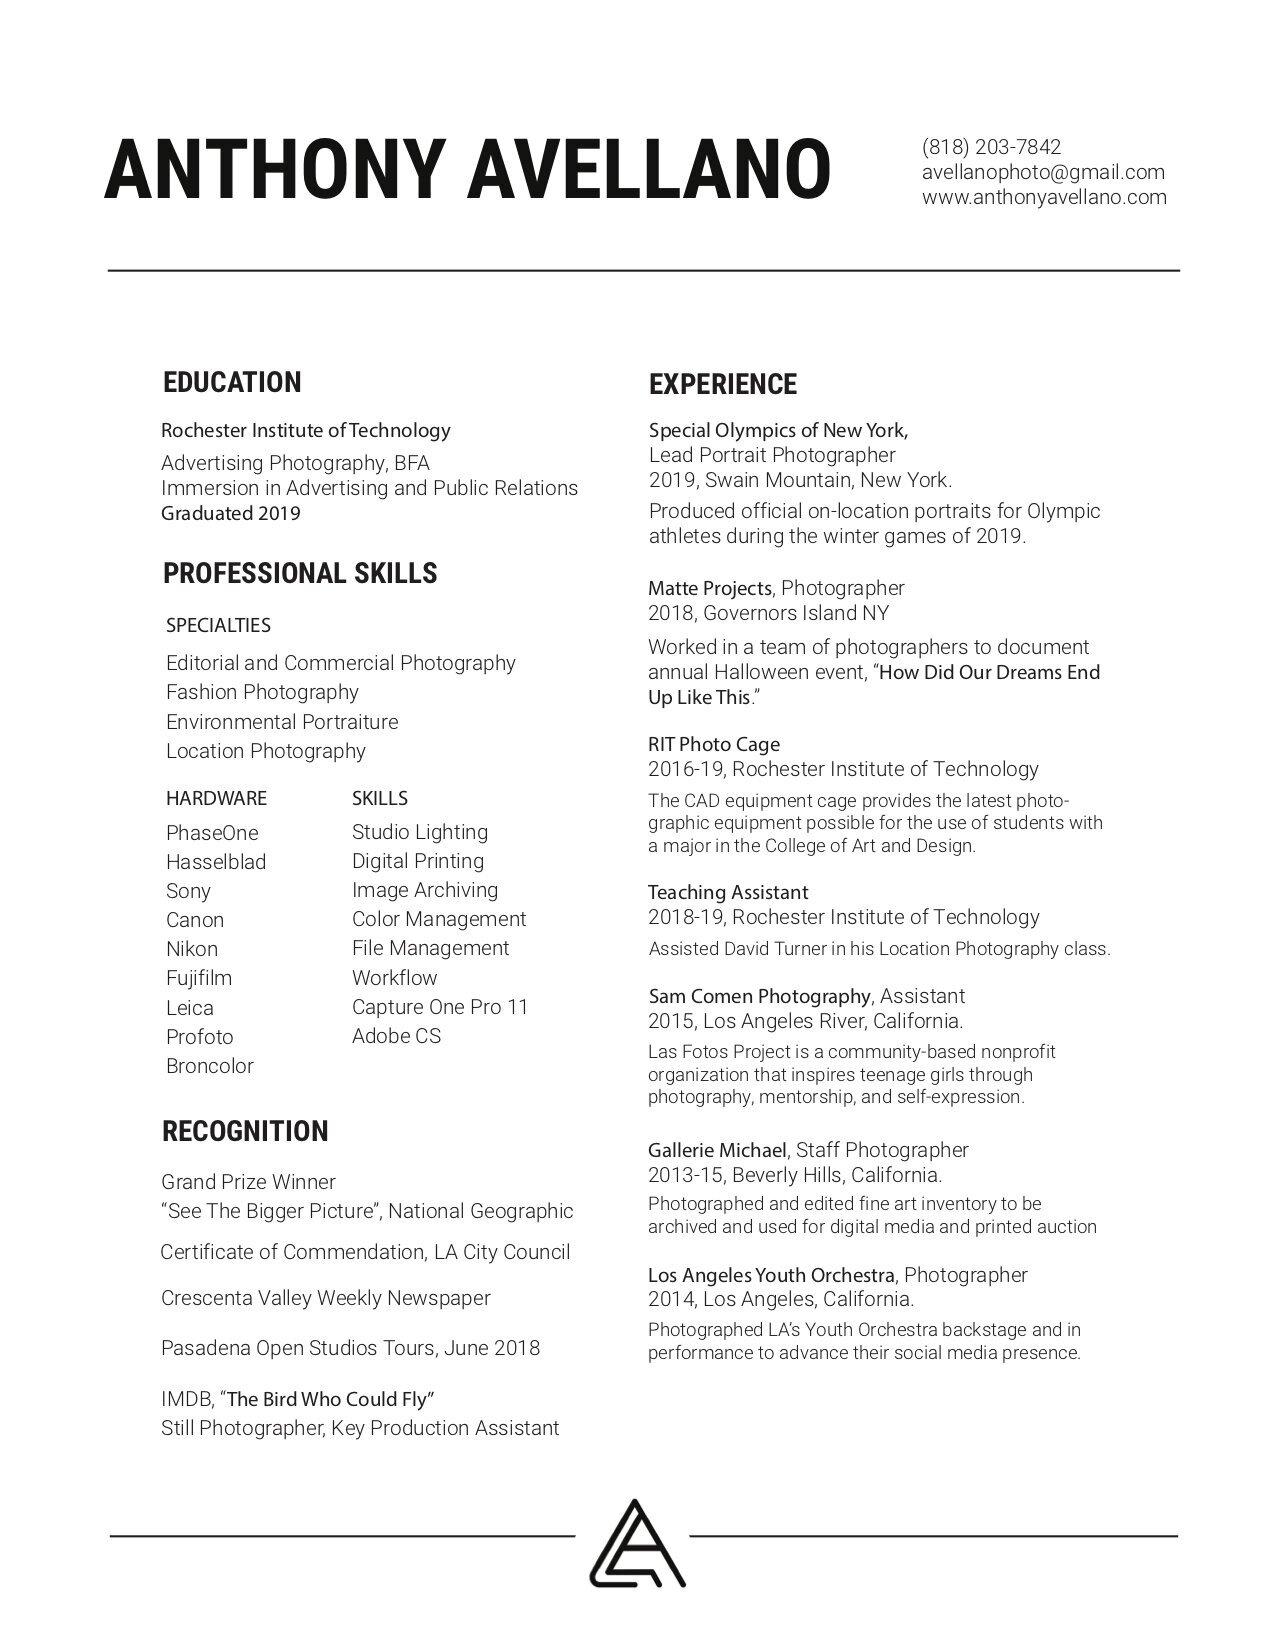 Anthony+Avellano+Resume.jpg